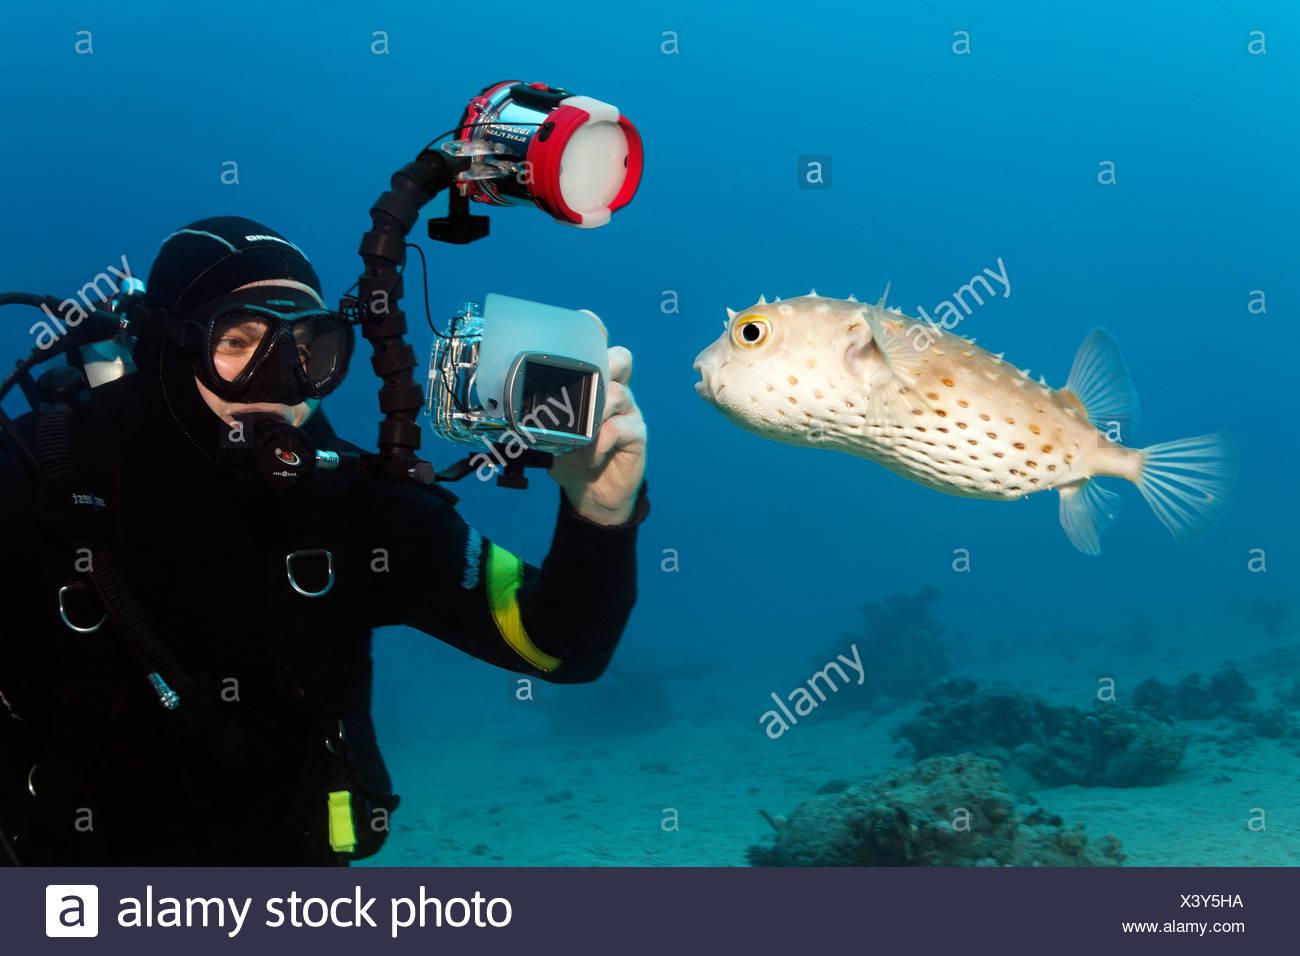 Diver with underwater camera taking photo of Yellow-spotted Burrfish (Chilomycterus spilostylus), Makadi Bay, Hurghada, Egypt - Stock Image